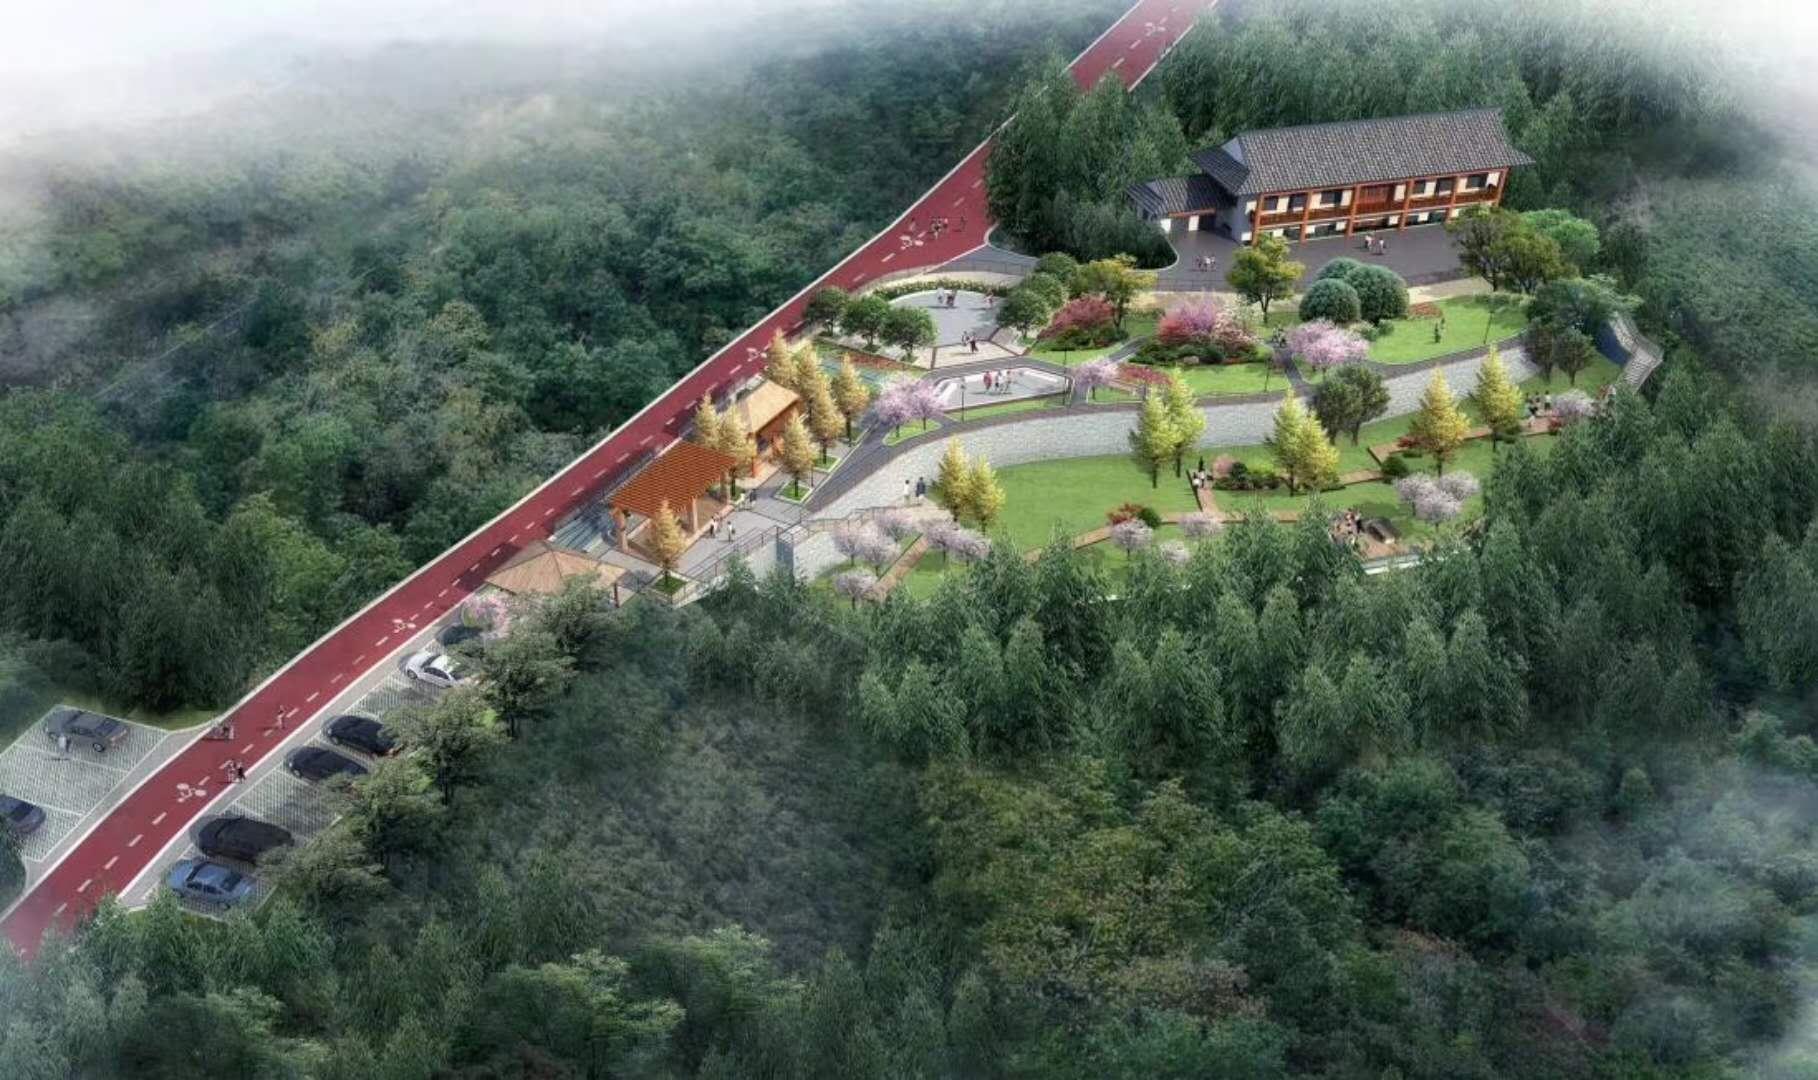 贵州省桐梓县东山森林公园位于县城中心城区东侧,西邻小西湖天门洞景